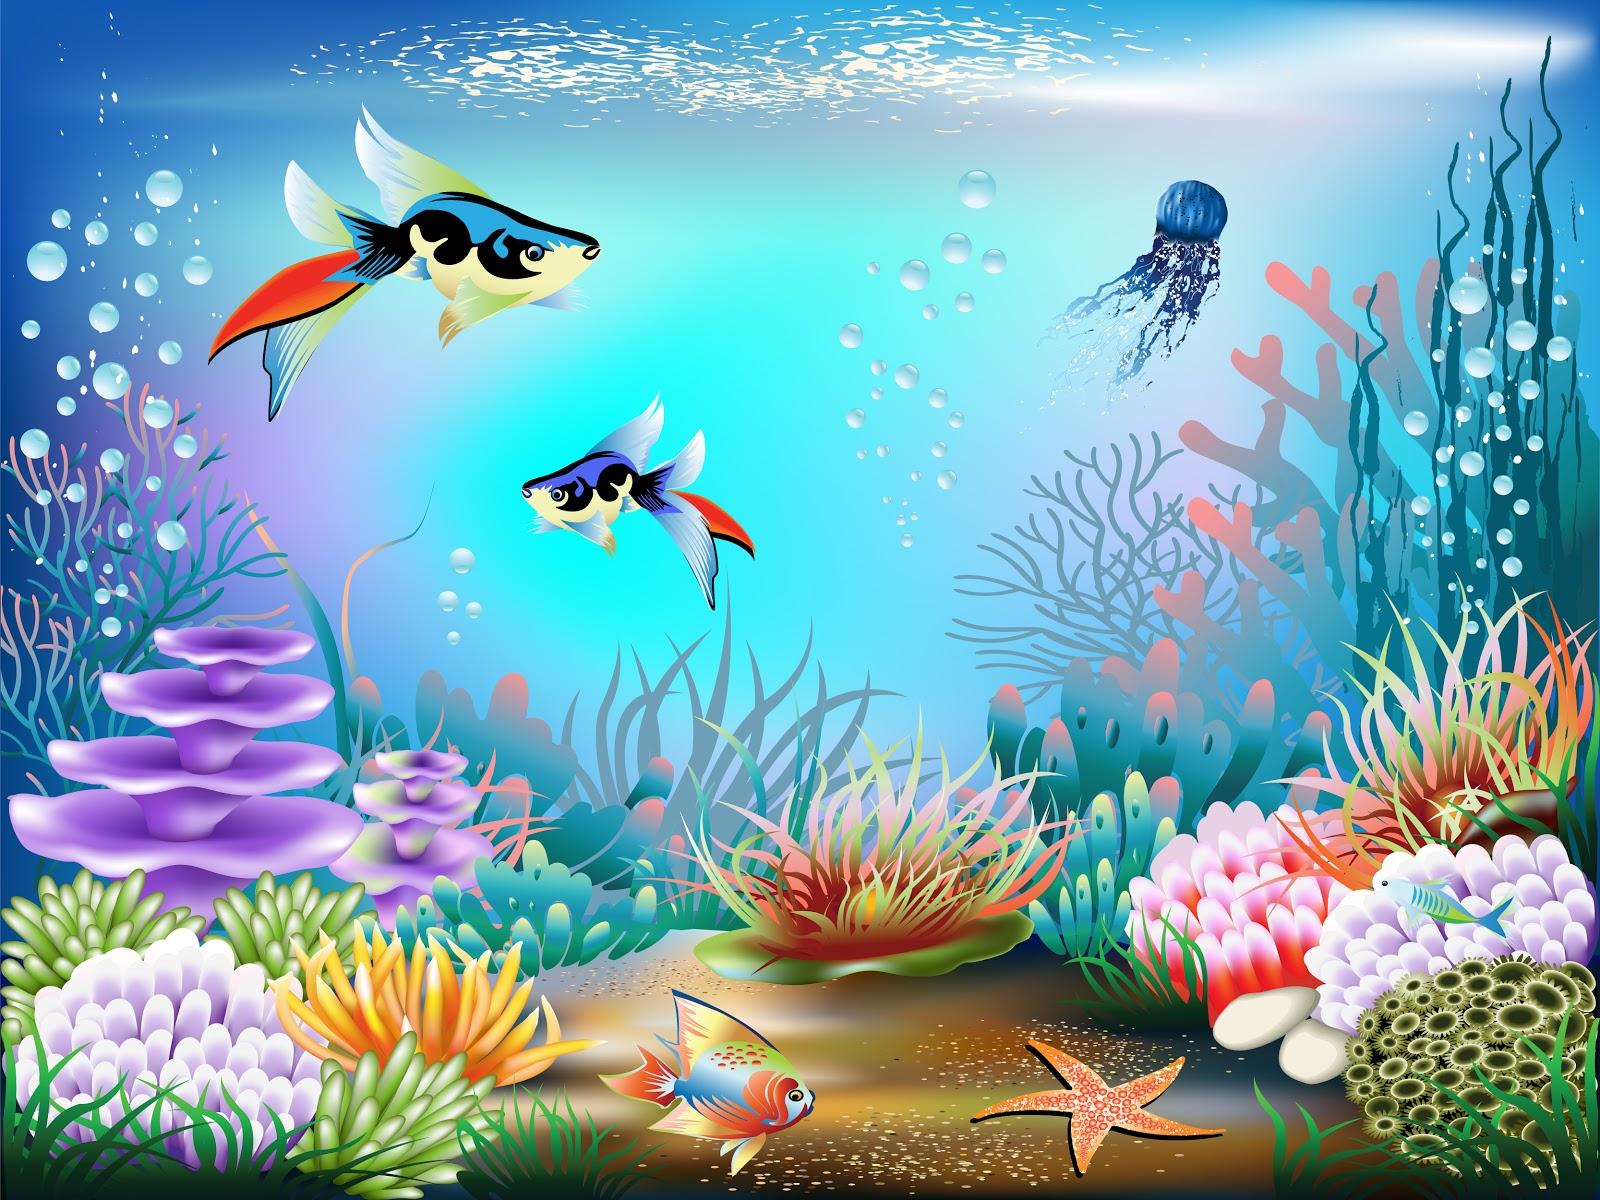 Camilla santos belas imagens do fundo do mar for Sfondo animato pesci